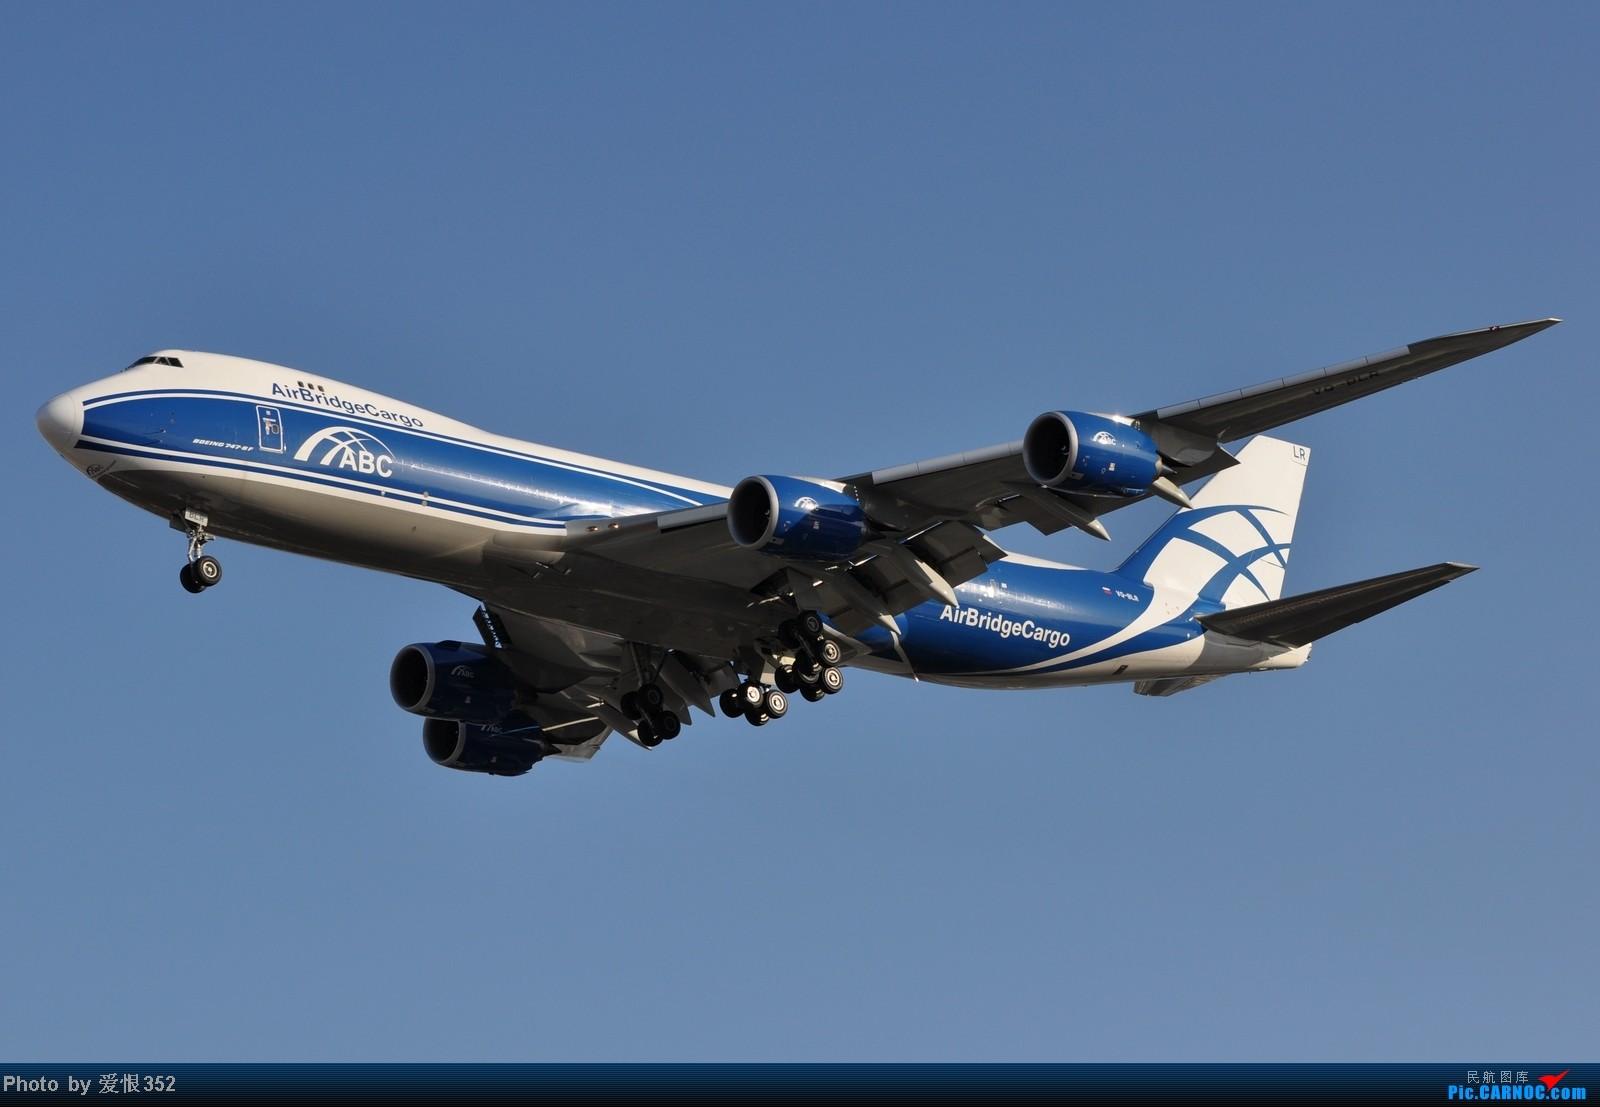 [原创]意外遇到俄罗斯空桥货运航空波音747-8F VQ-BLR进港 ZBAA 36L 747-8F VQ-BLR 中国北京首都机场